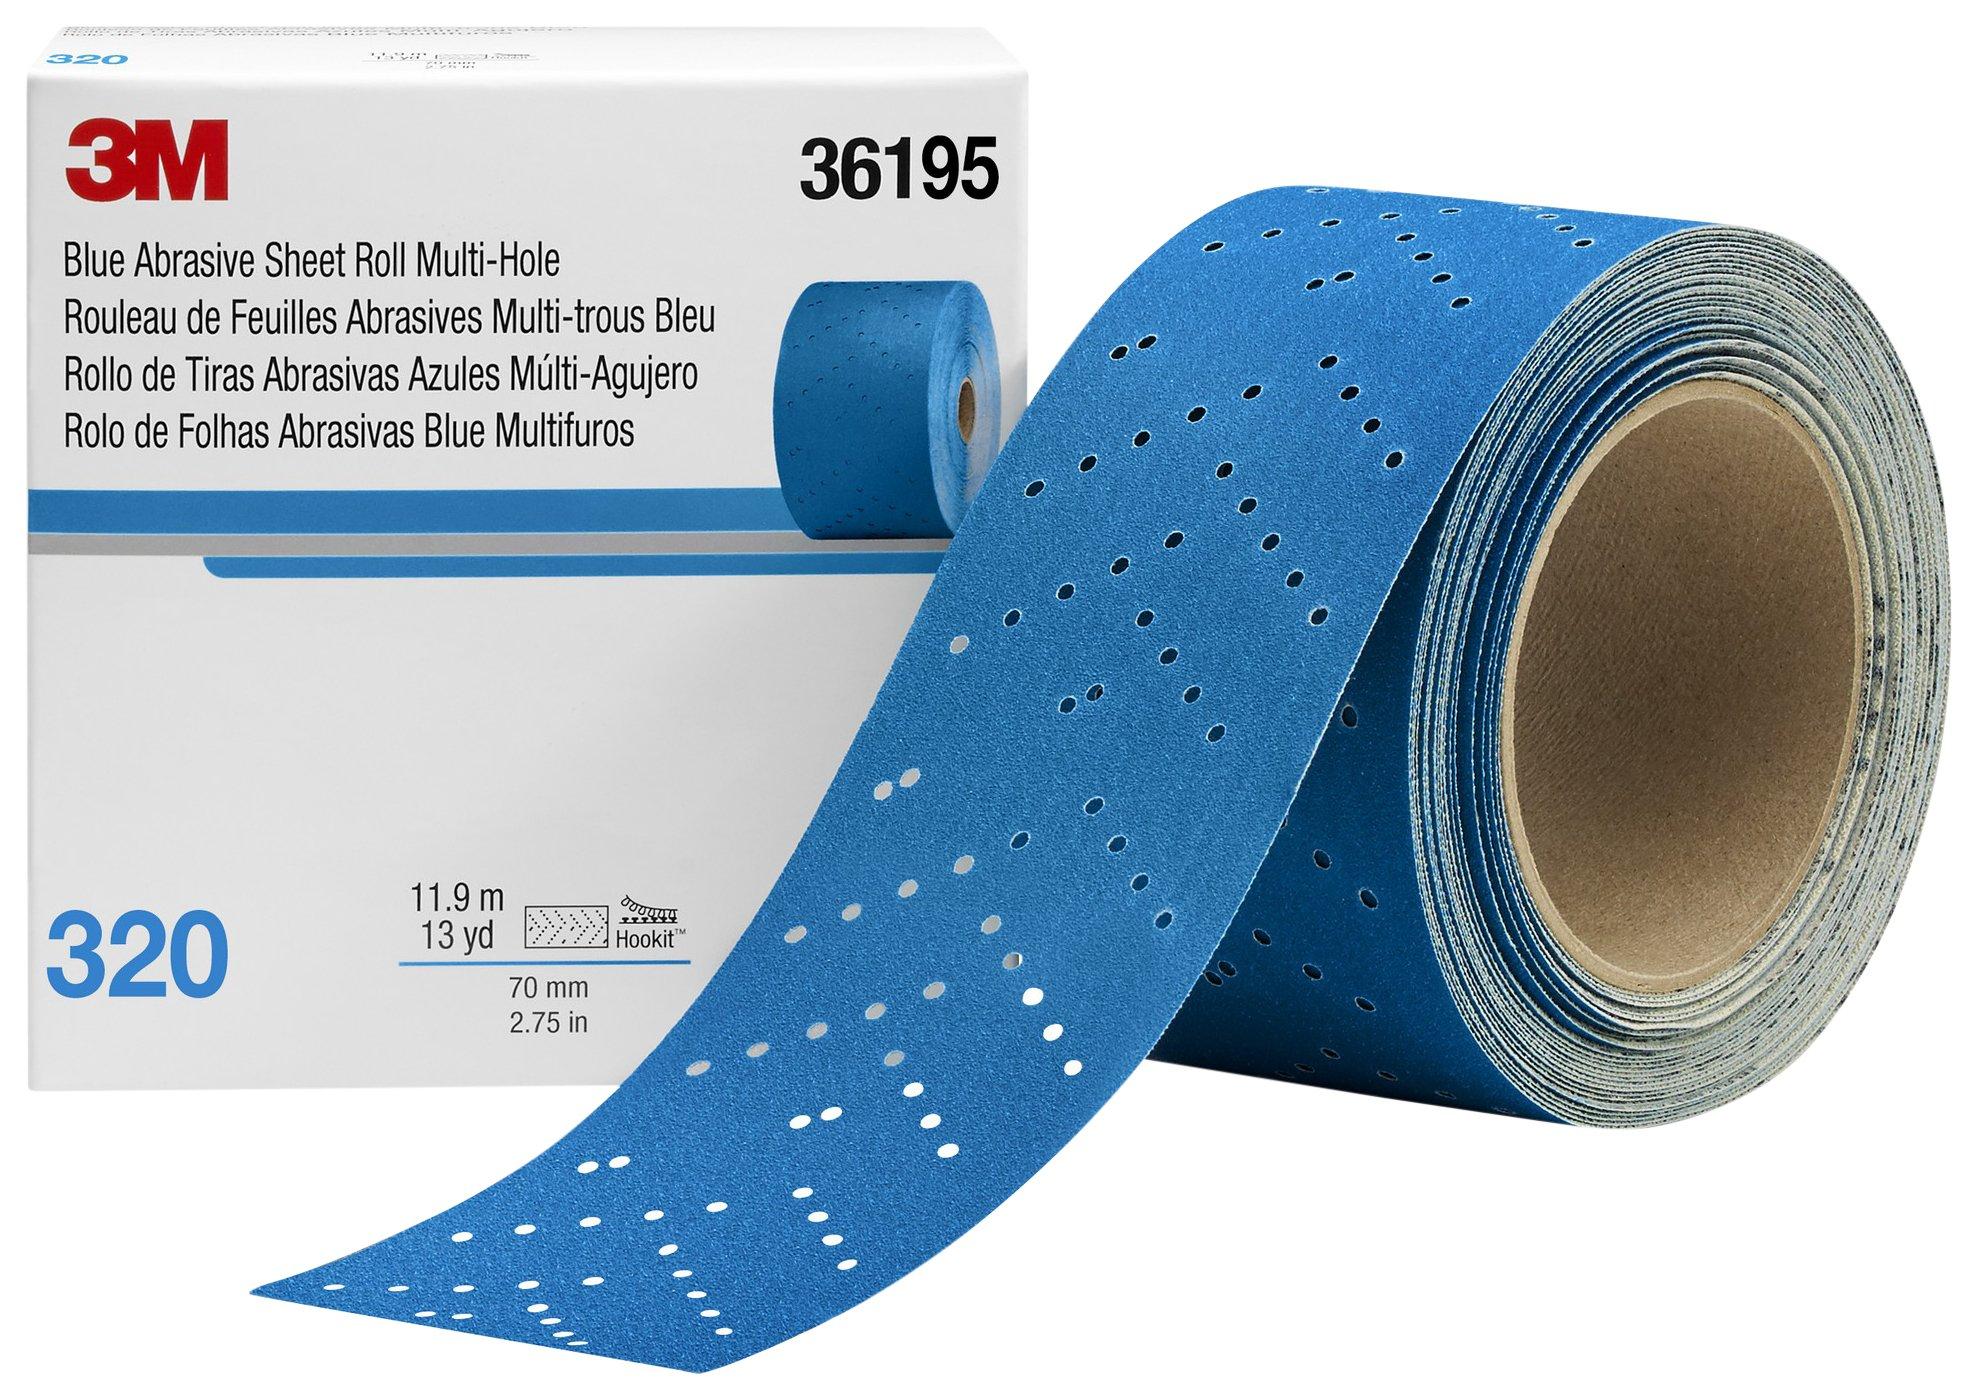 Hookit 36195 Blue Abrasive Sheet Roll